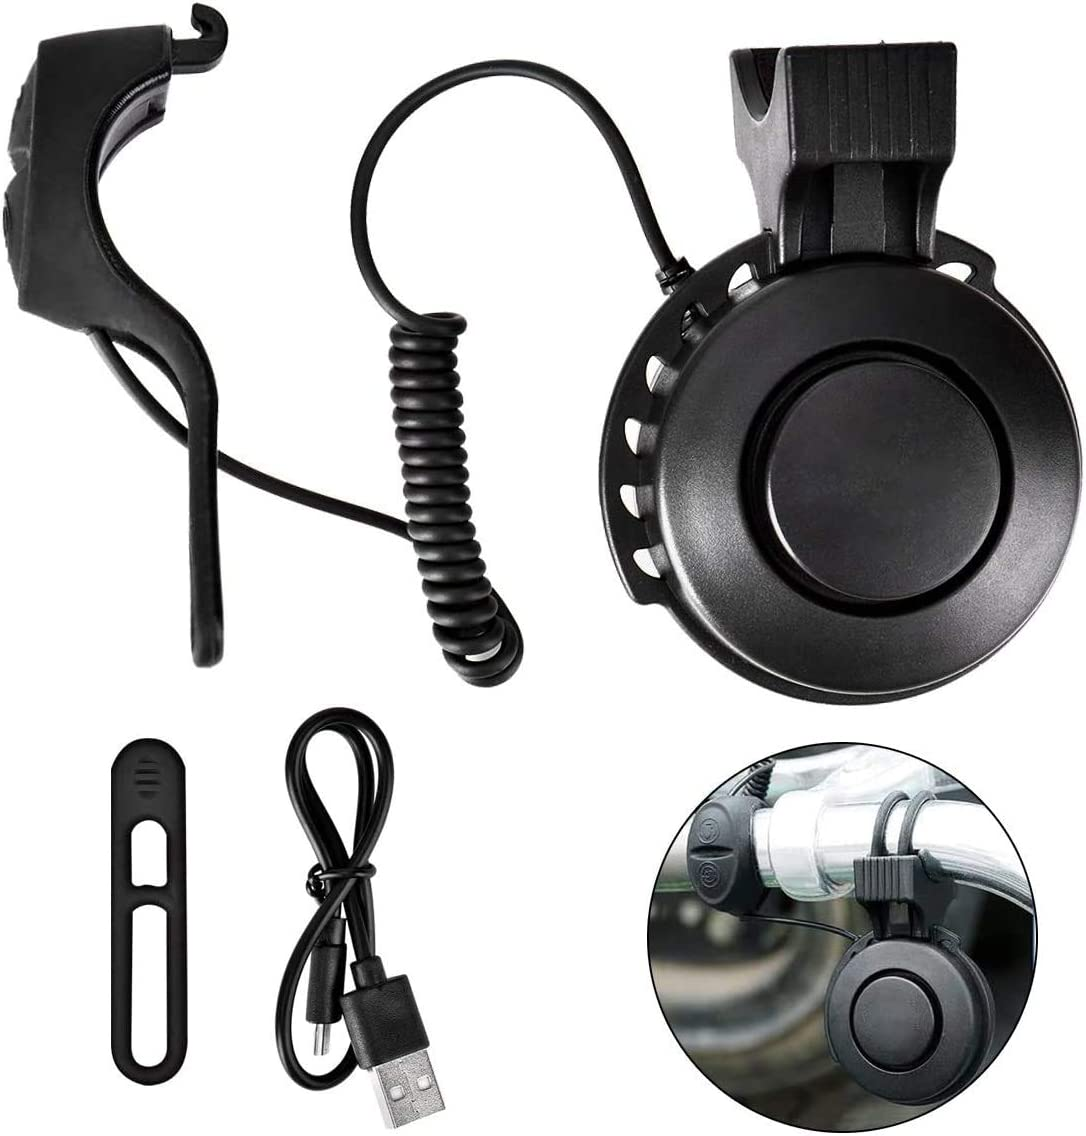 Queta – Timbre para bicicleta ajustable volumen eléctrico, timbre de bicicleta recargable por USB para MTB/bicicleta de carrera/BMX